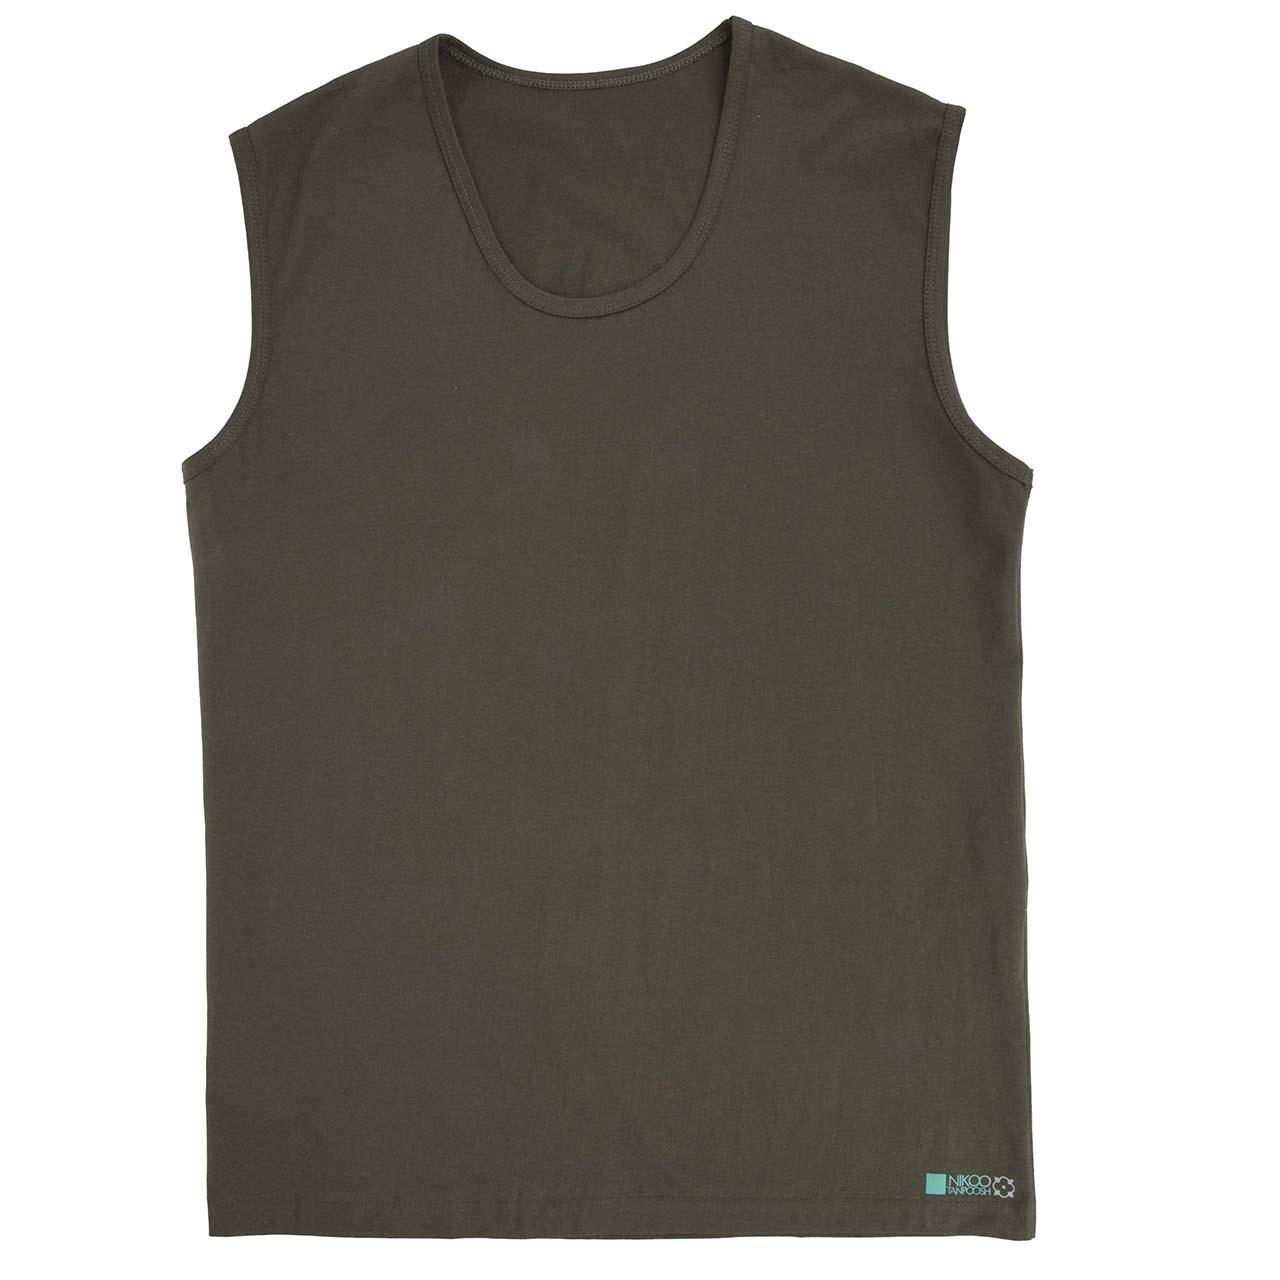 زیر پیراهن مردانه نیکوتن پوش مدل 1112